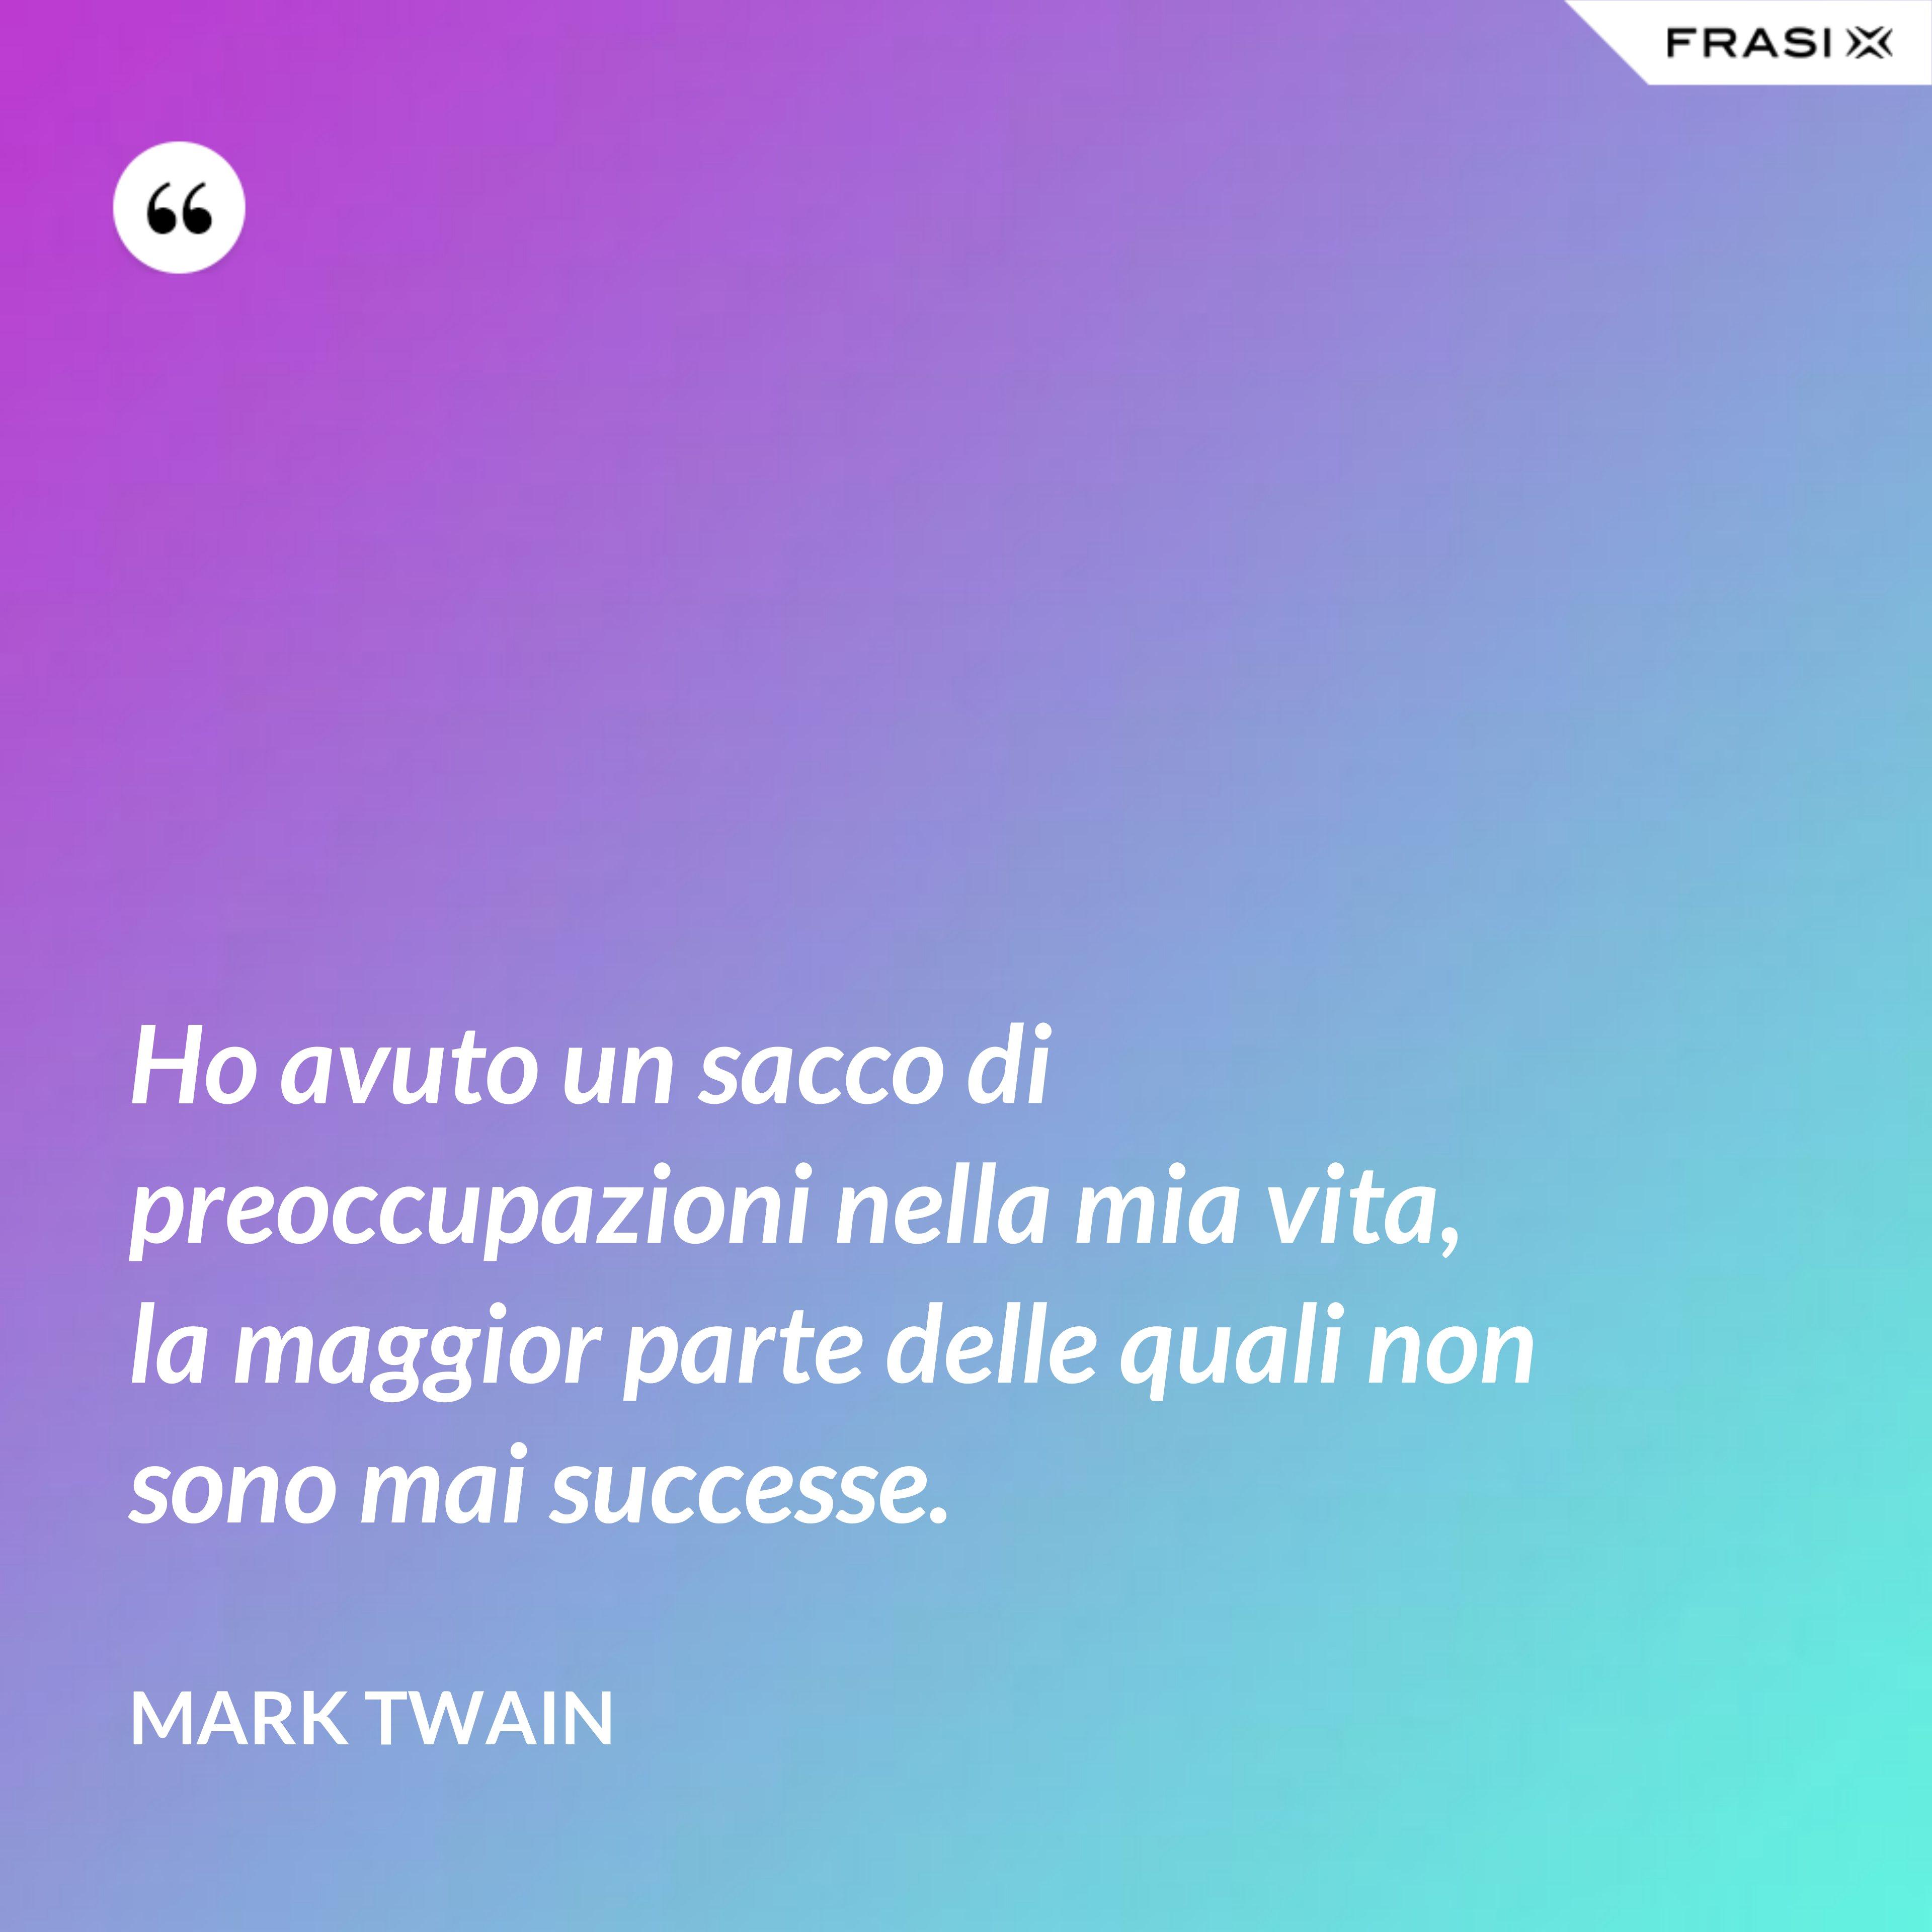 Ho avuto un sacco di preoccupazioni nella mia vita, la maggior parte delle quali non sono mai successe. - Mark Twain